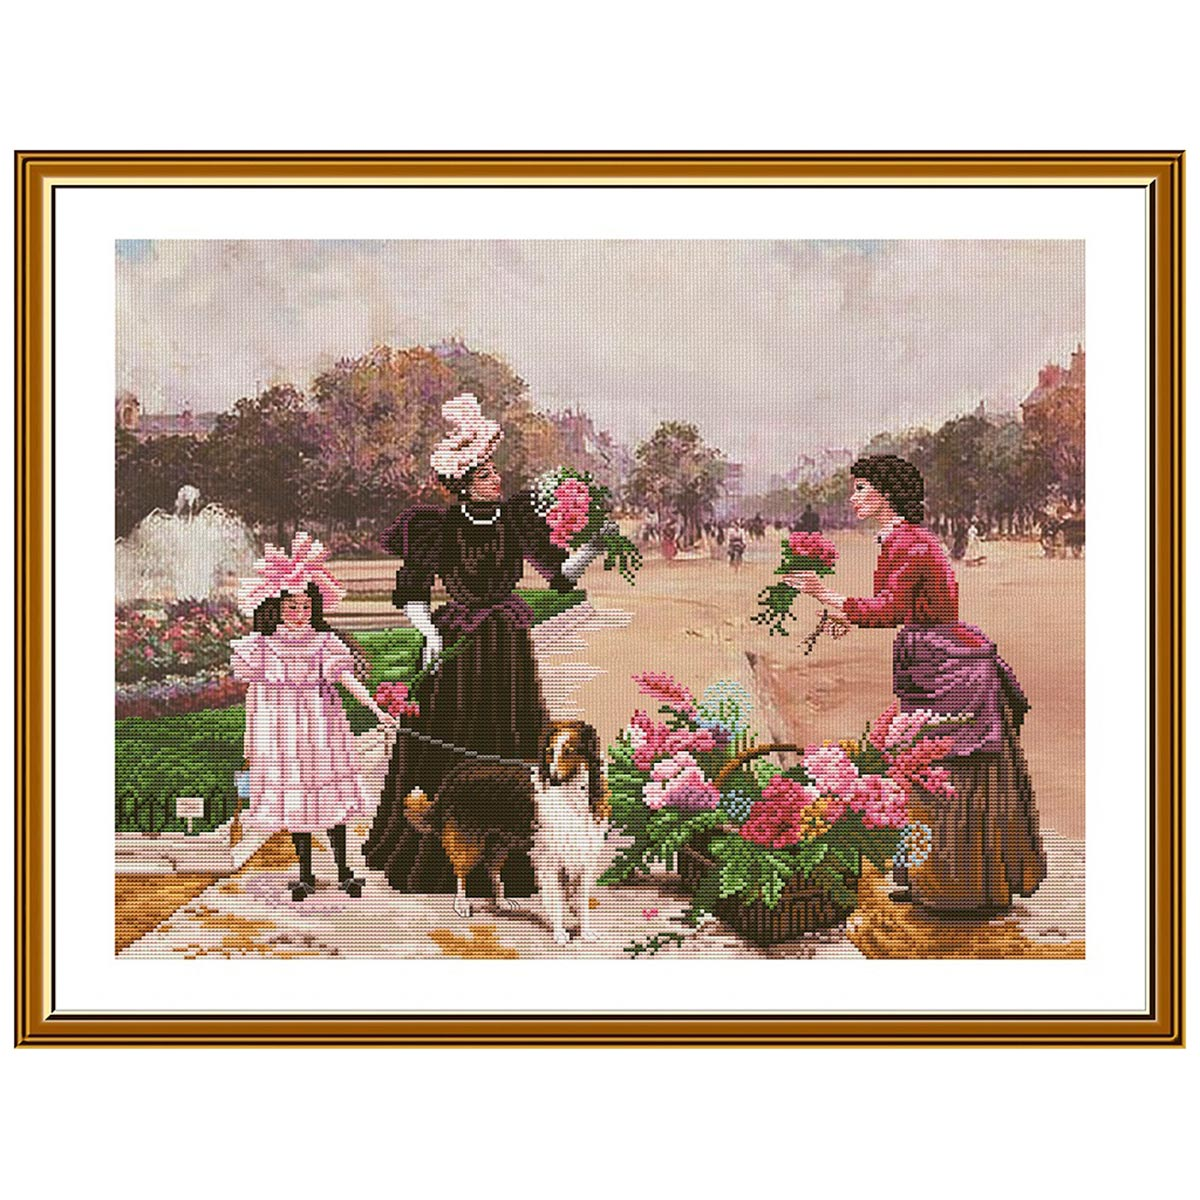 СВ3212 Набор для вышивания 'Семейная прогулка' 46*34 см